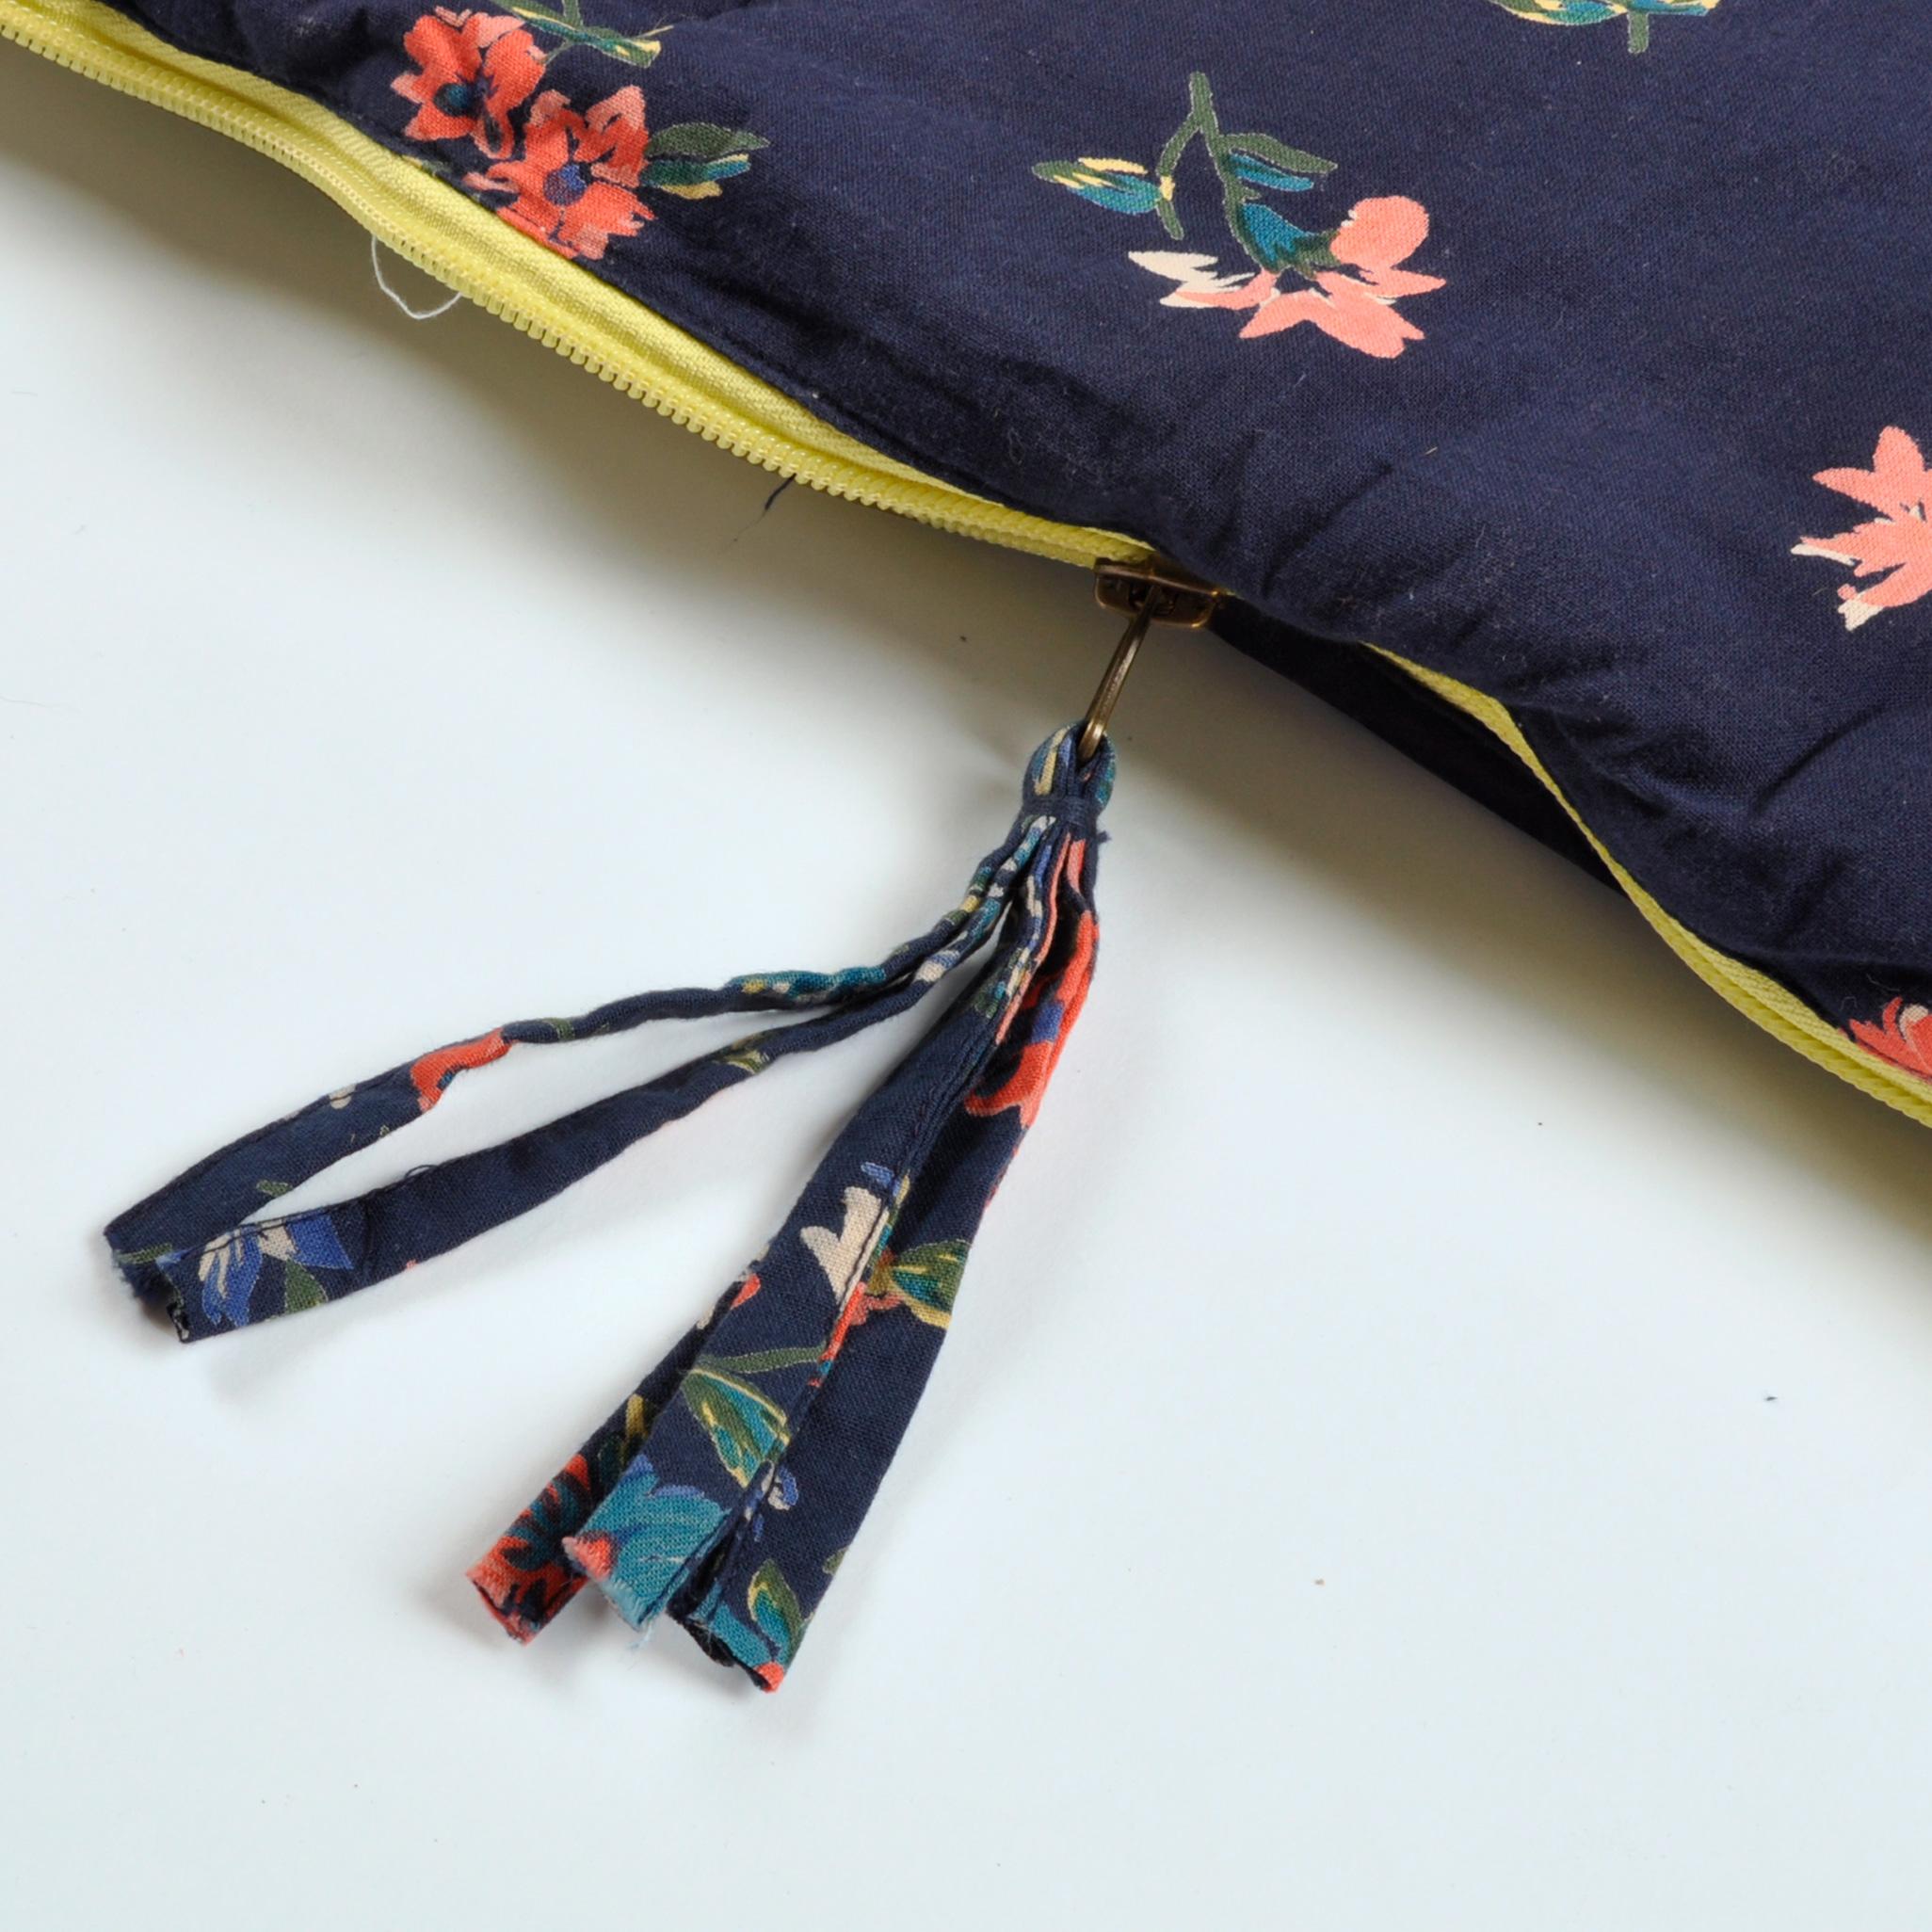 sleeping-beauties-tassle-zip-fly-away-floral.jpg